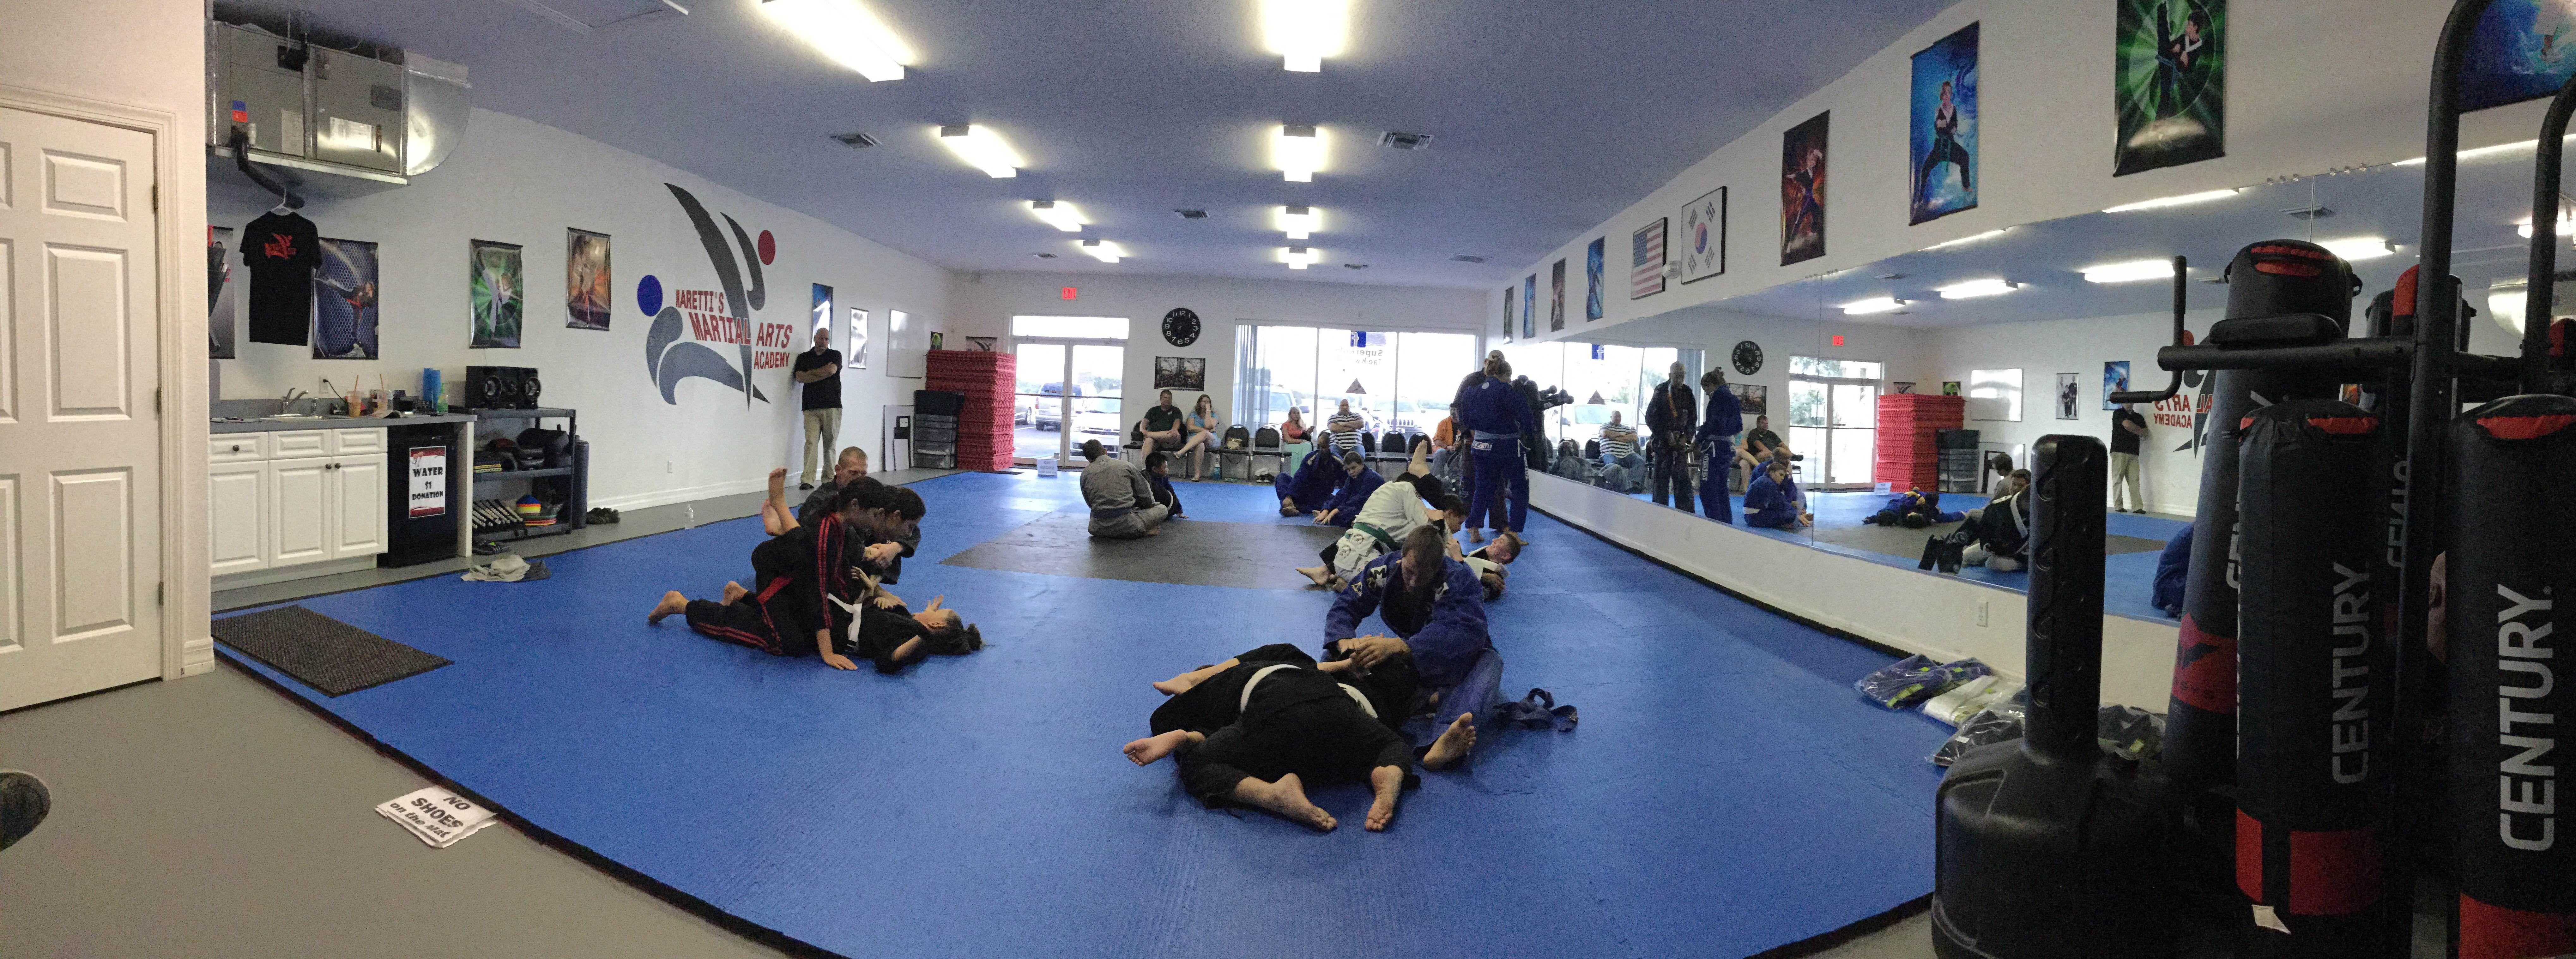 Grappling And Mma Mats For Bjj Jiu Jitsu Dojo And Studios In 2020 Mma Mat Bjj Jiu Jitsu